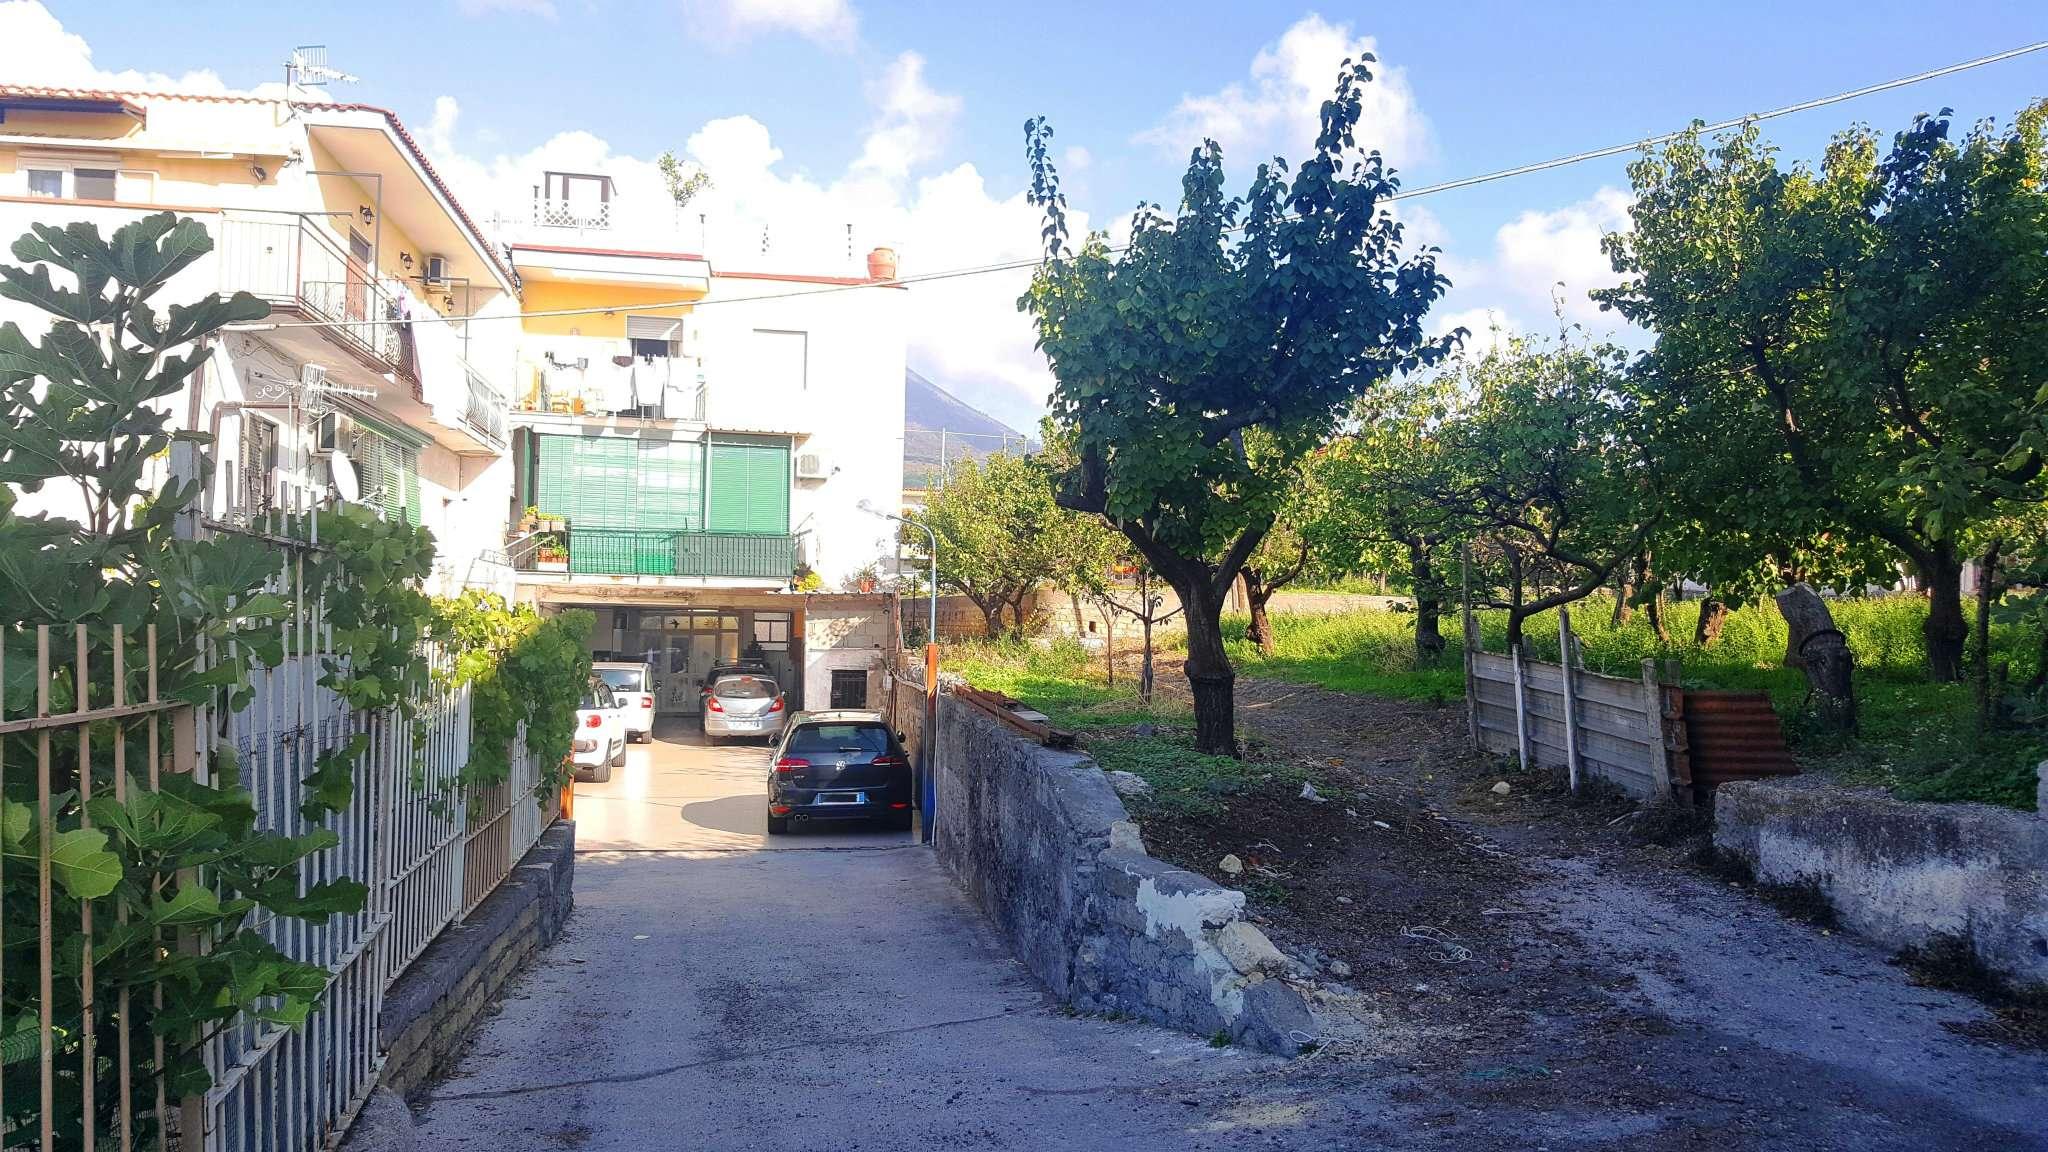 Appartamento in vendita a Ercolano, 2 locali, prezzo € 80.000 | CambioCasa.it